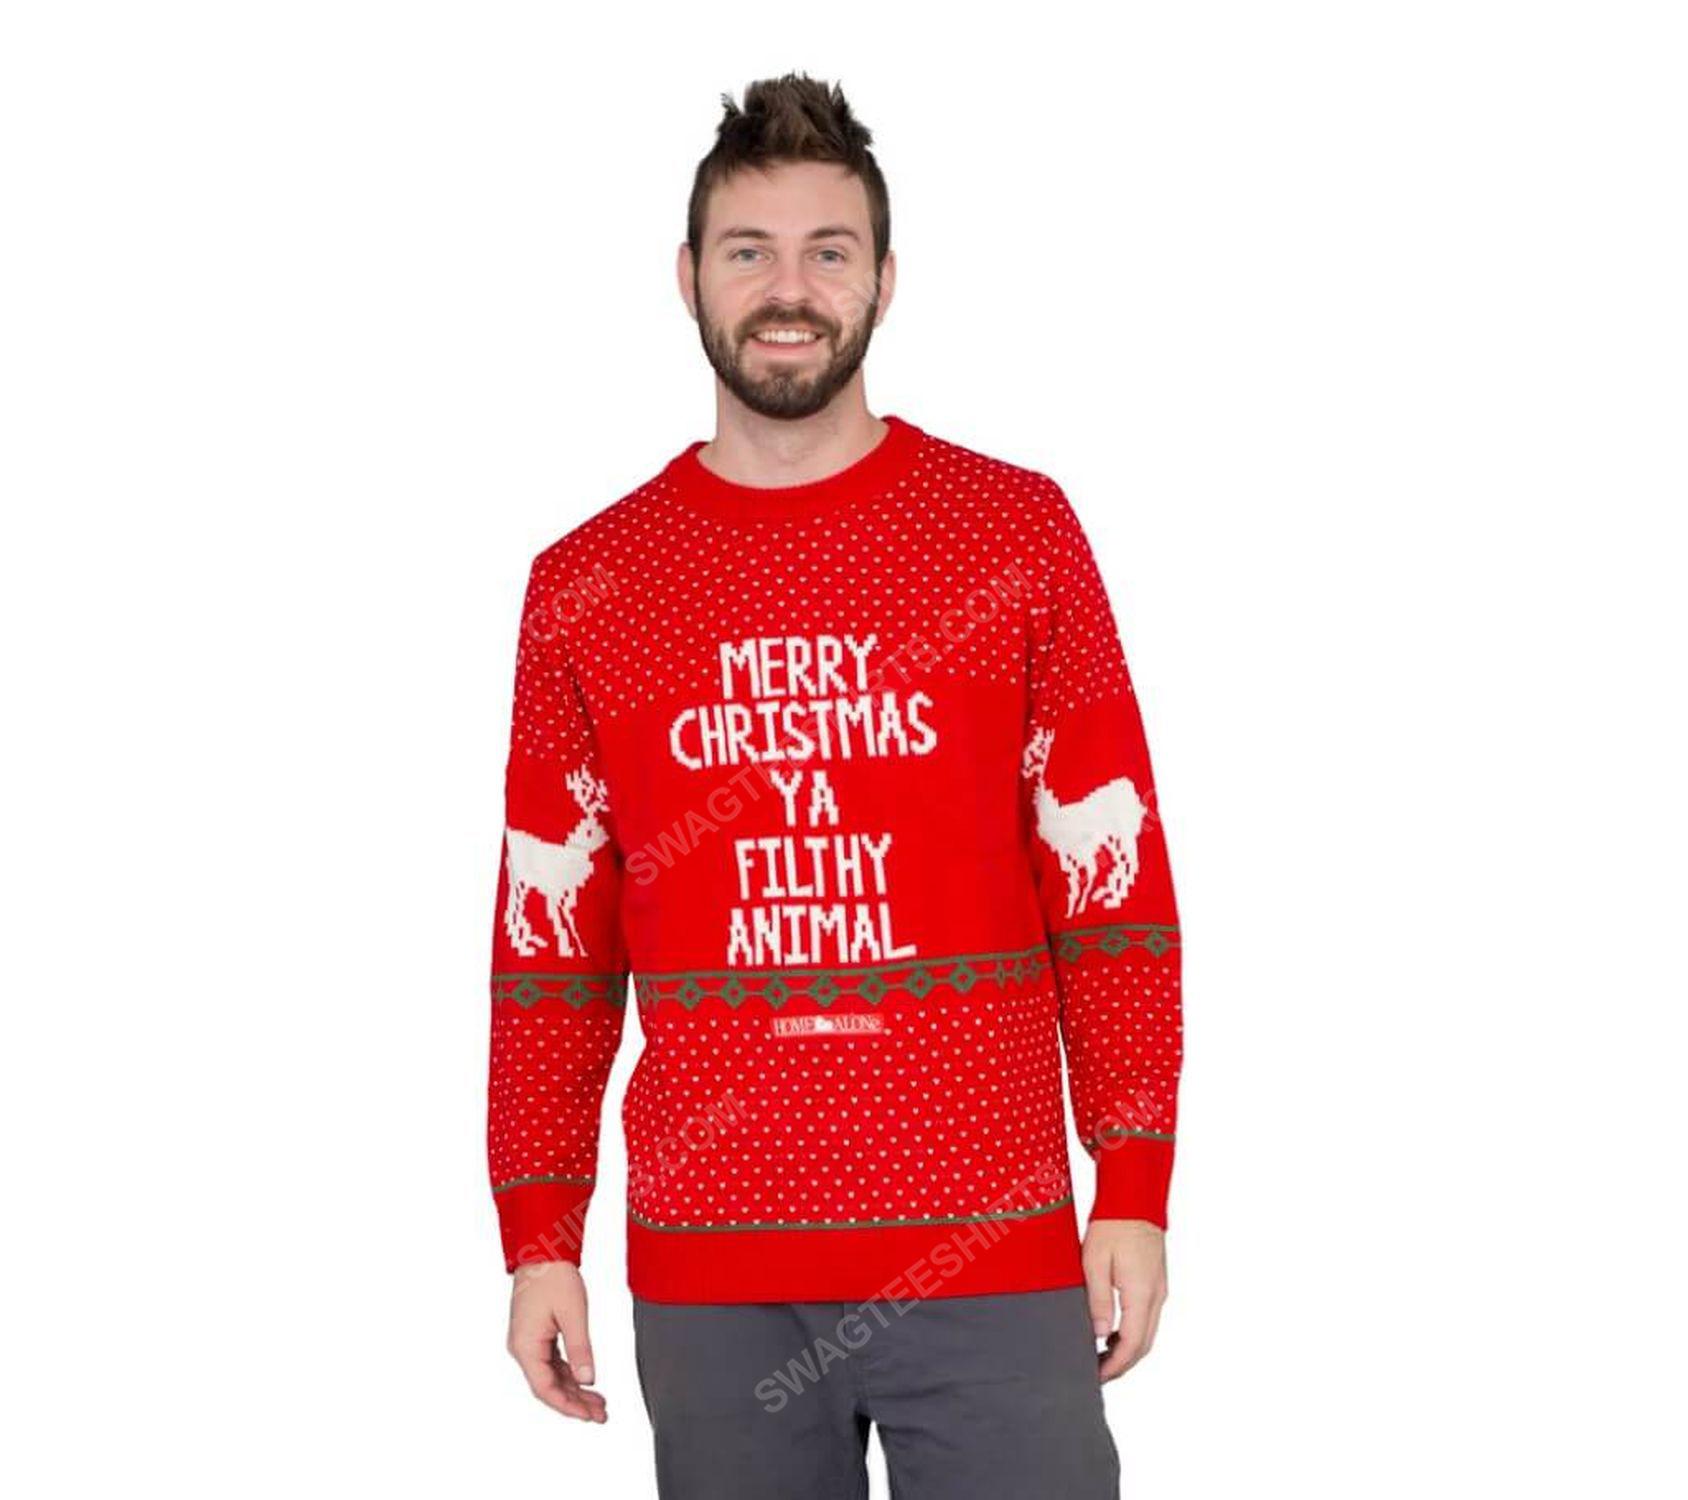 Home alone merry christmas ya filthy animal ugly christmas sweater 2